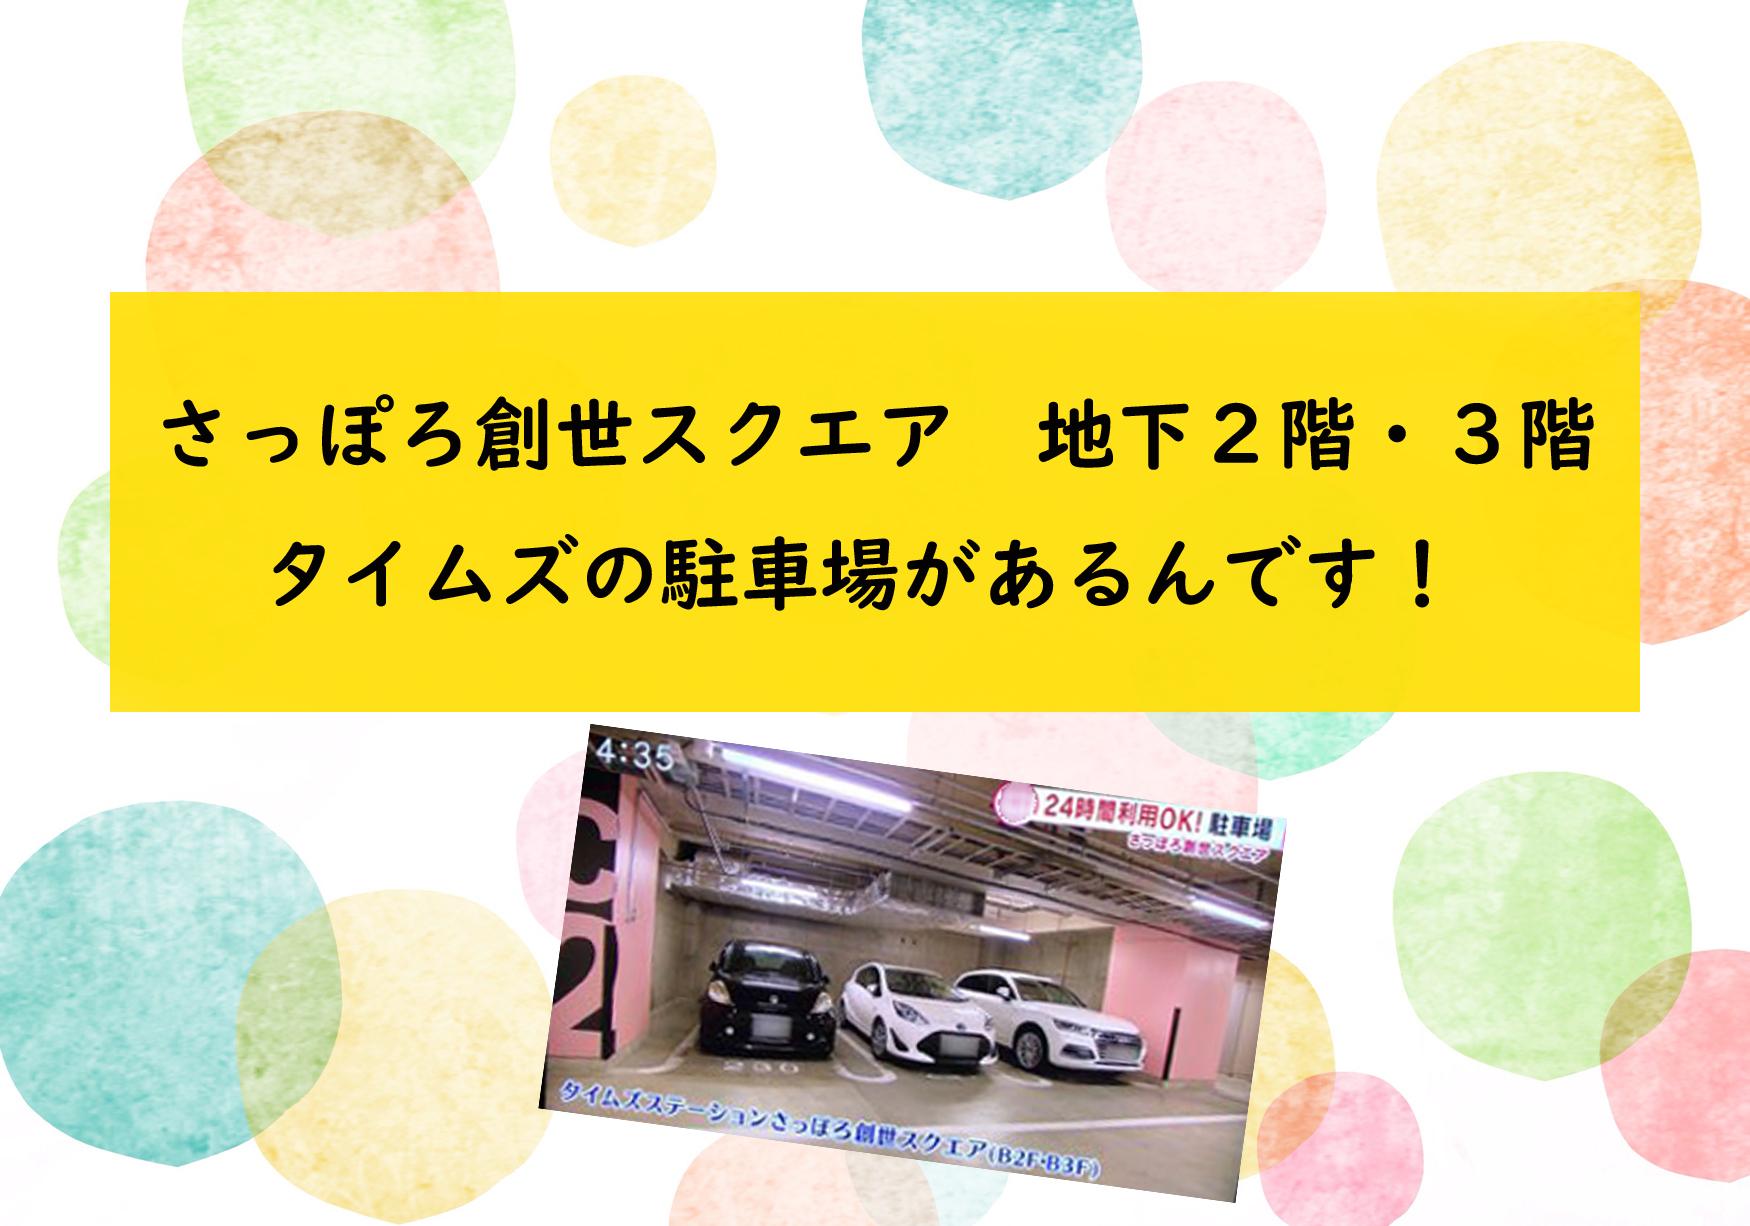 札幌創世スクエアの駐車場の料金が変更に。詳細情報